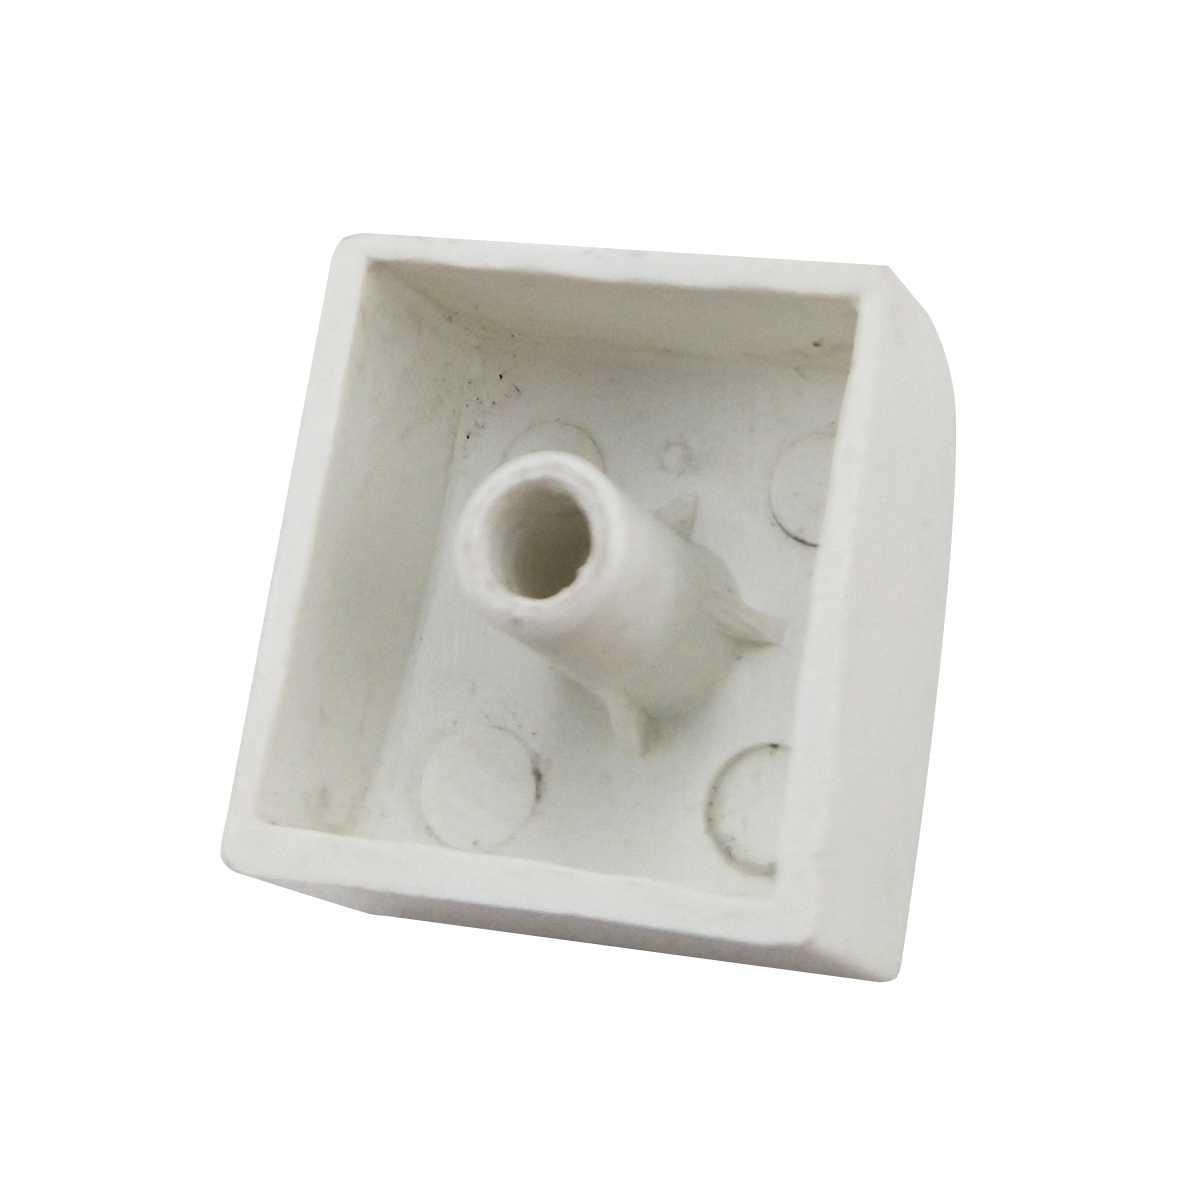 Botão tecla lavadora Continental Evolution 451743